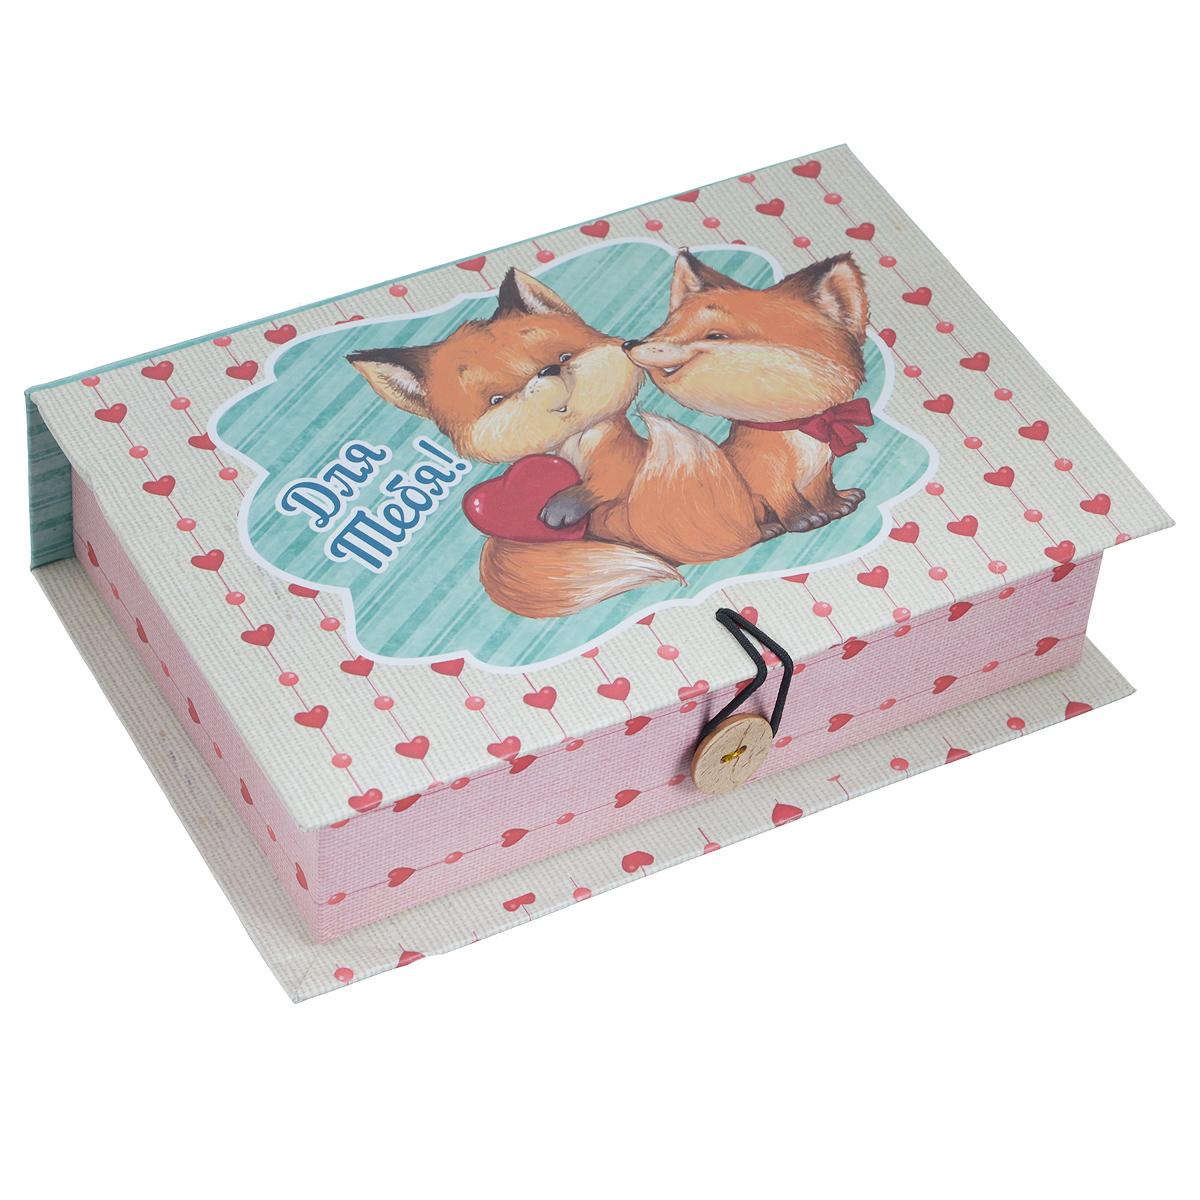 Подарочная коробка Лисята, 18 см х 12 см х 5 см39474Подарочная коробка Лисята выполнена из плотного картона. Изделие оформлено изображением забавных лисят и надписью Для тебя!. Коробка закрывается на пуговицу. Подарочная коробка - это наилучшее решение, если вы хотите порадовать ваших близких и создать праздничное настроение, ведь подарок, преподнесенный в оригинальной упаковке, всегда будет самым эффектным и запоминающимся. Окружите близких людей вниманием и заботой, вручив презент в нарядном, праздничном оформлении. Плотность картона: 1100 г/м2.